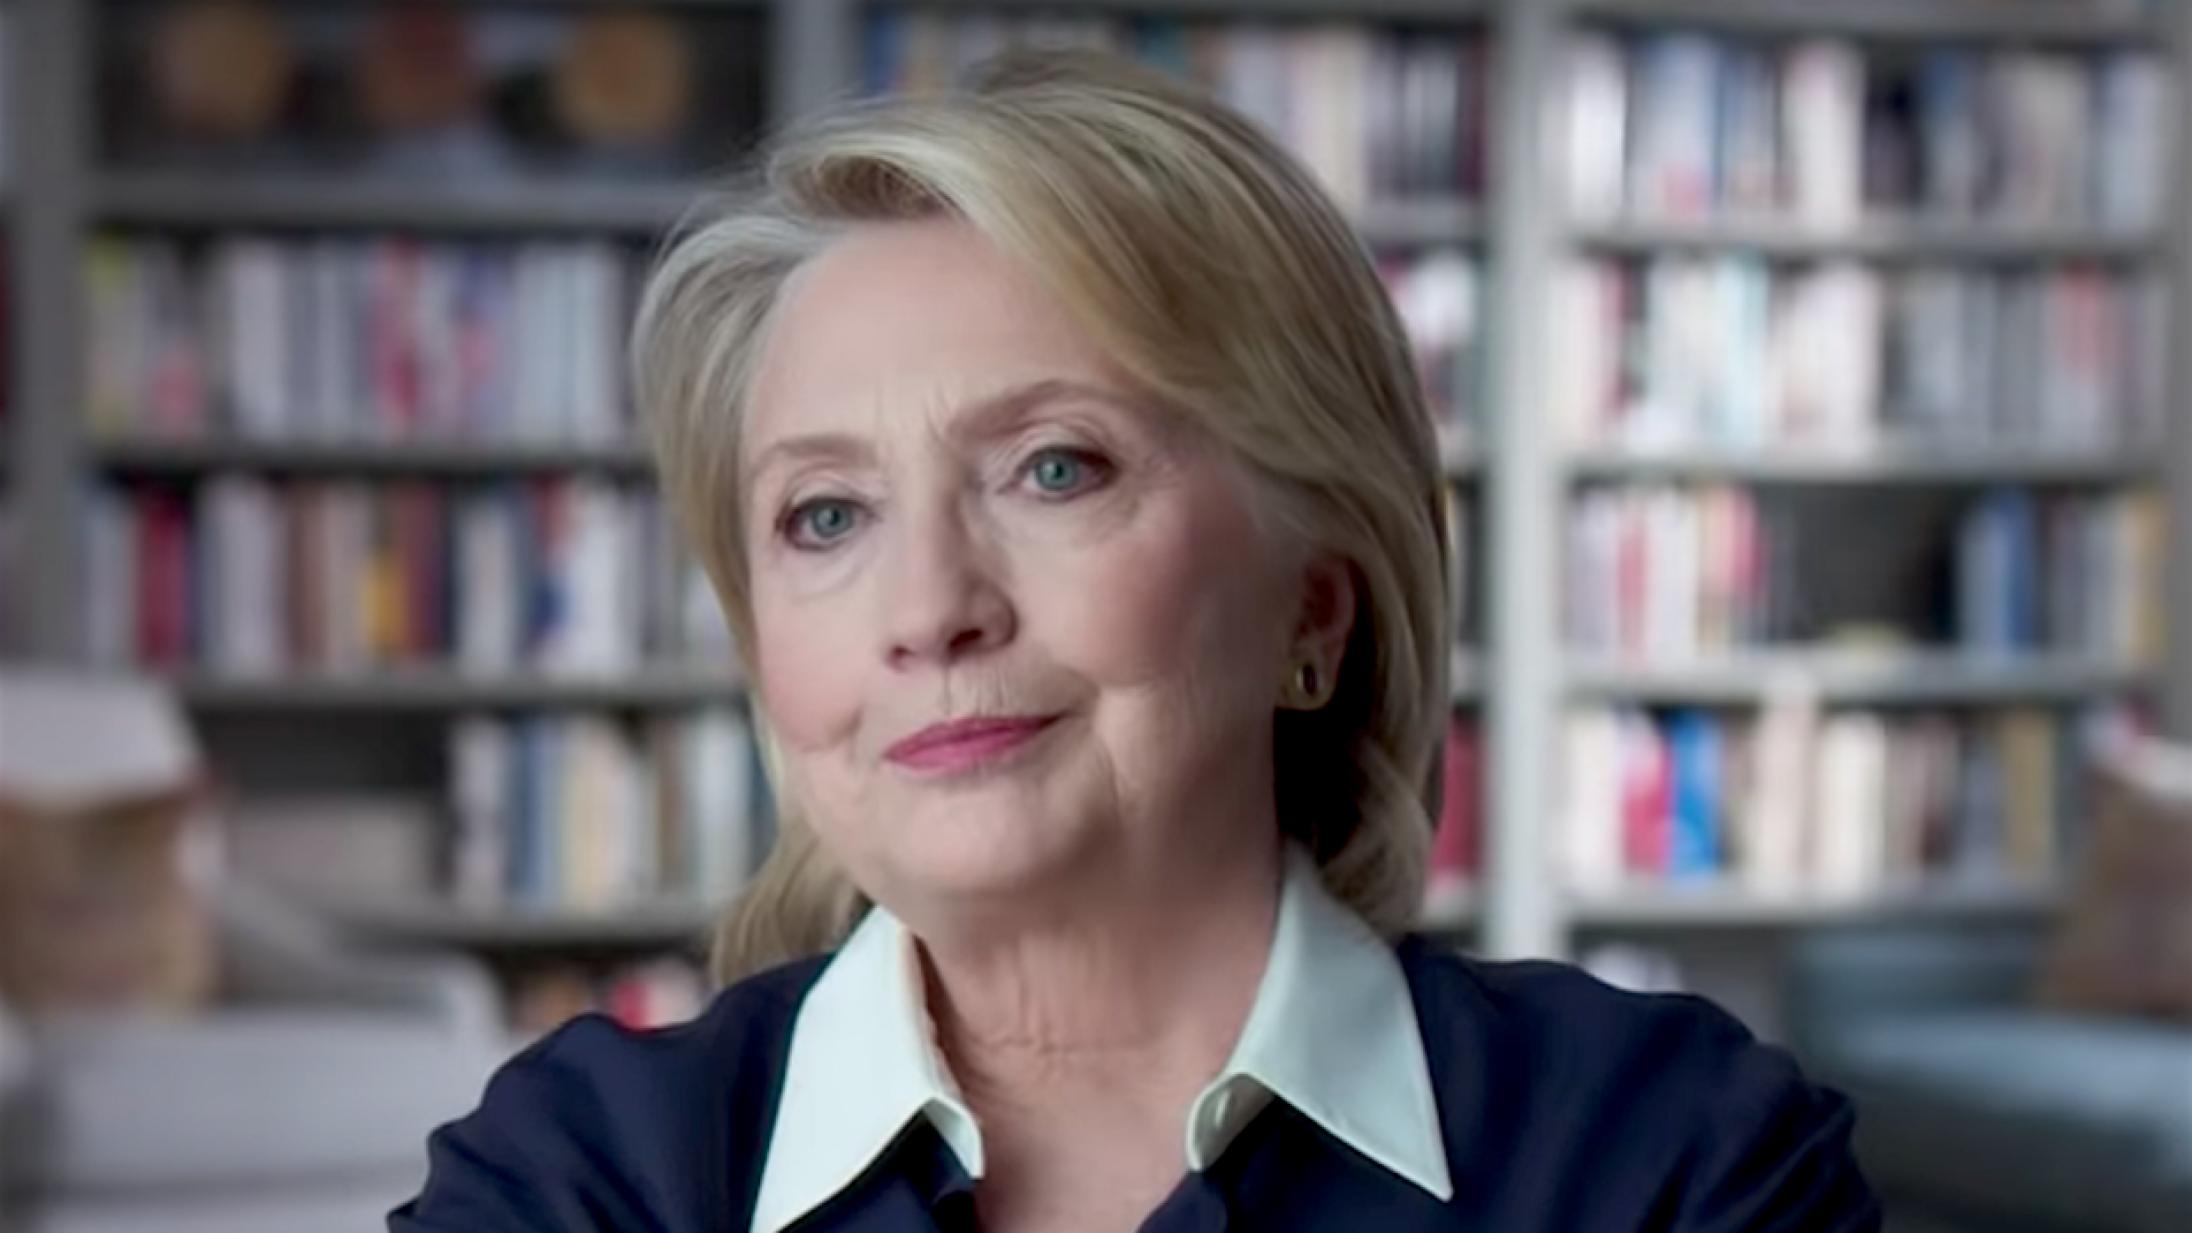 Monumental dokumentarserie skildrer Hillary Clinton som en feministisk tragedie